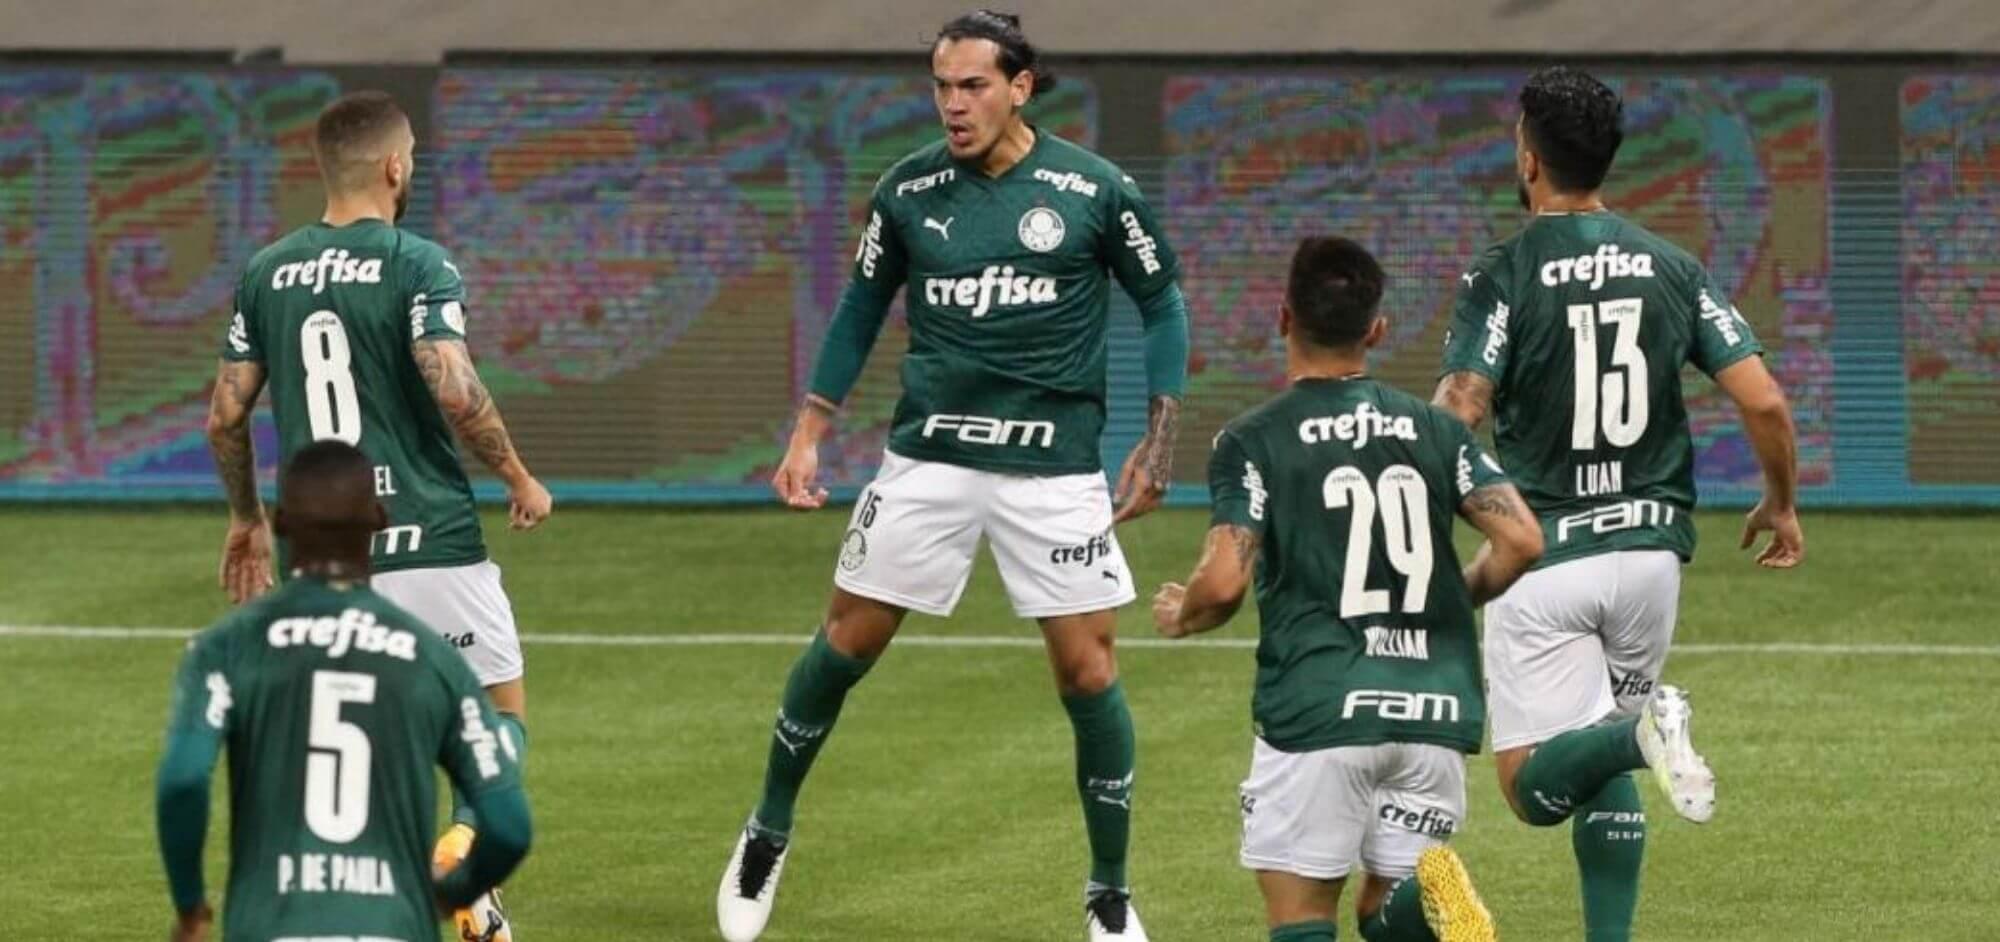 Athletico PR X Palmeiras Ao Vivo Na TV E Online Onde